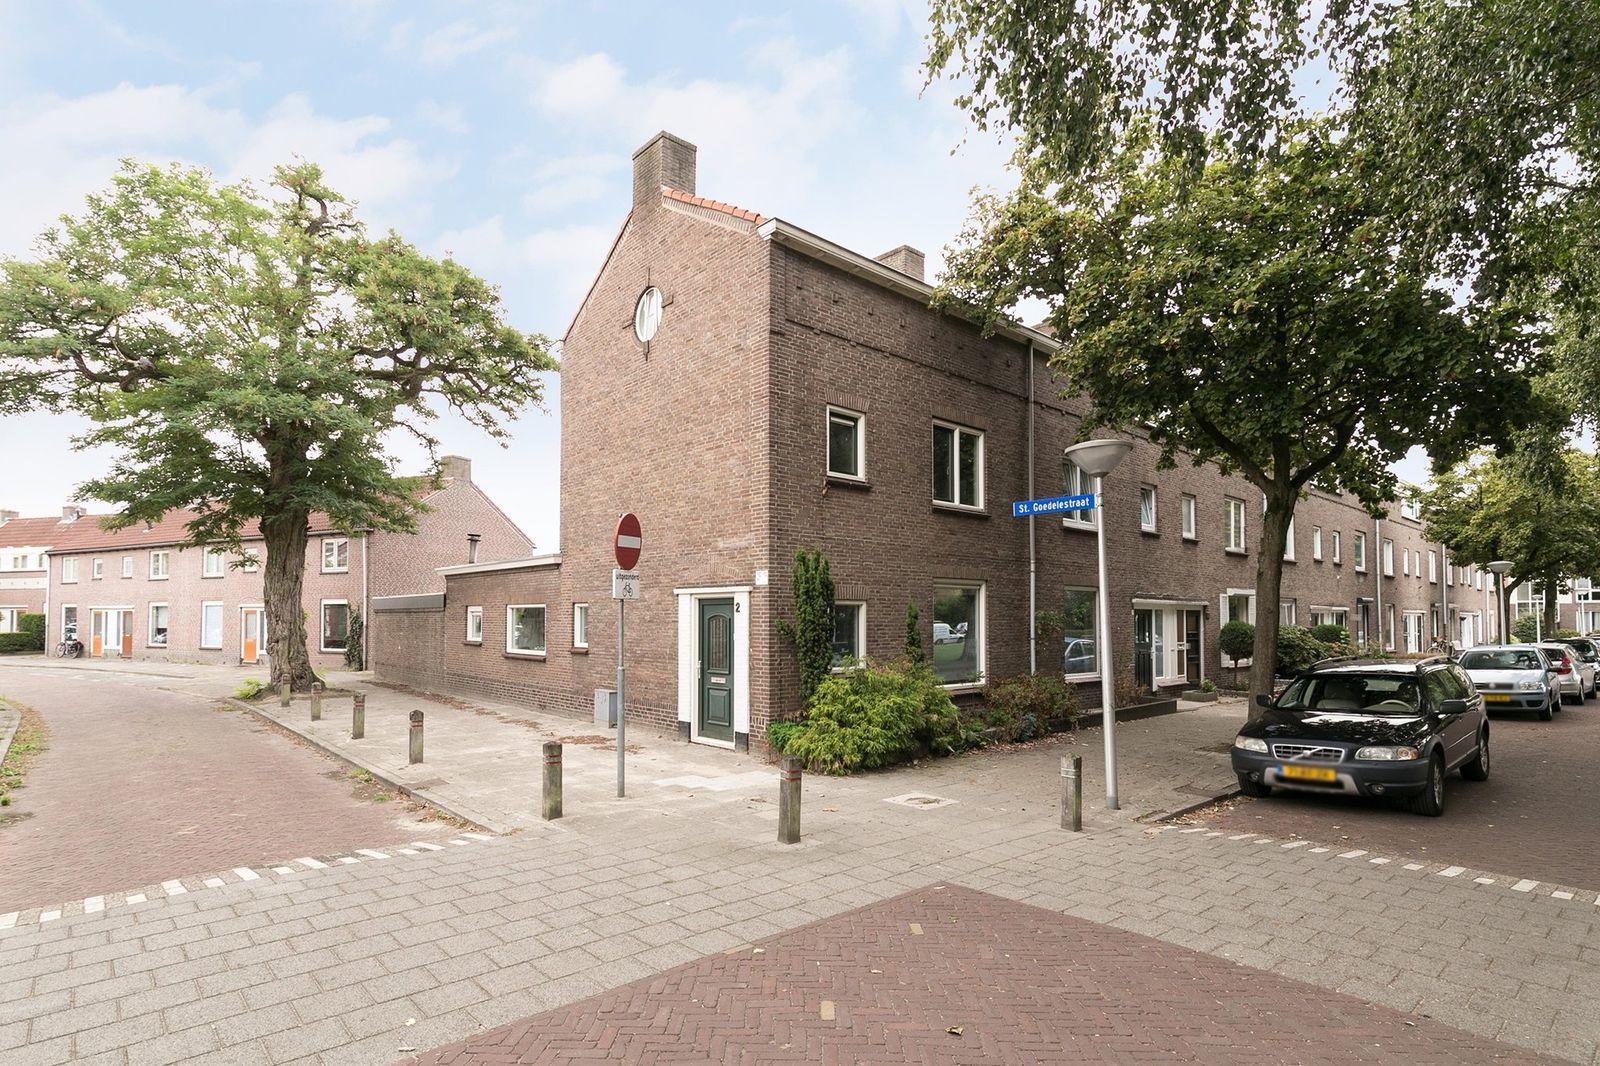 St Goedelestraat 2, Eindhoven